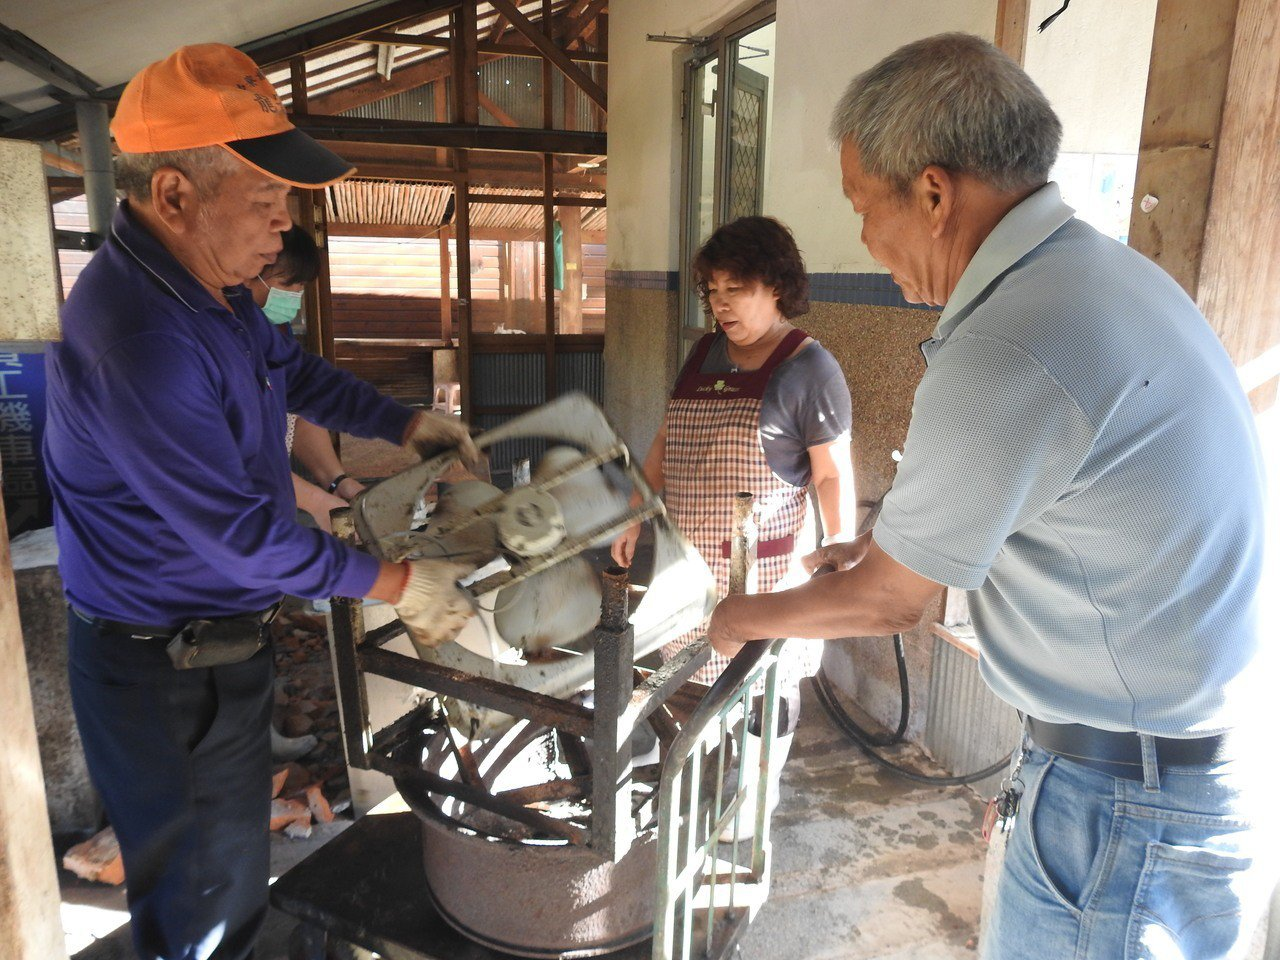 南投縣中寮鄉龍眼林協會今年將在台企銀協助下改善餐廚環境。記者賴香珊/攝影